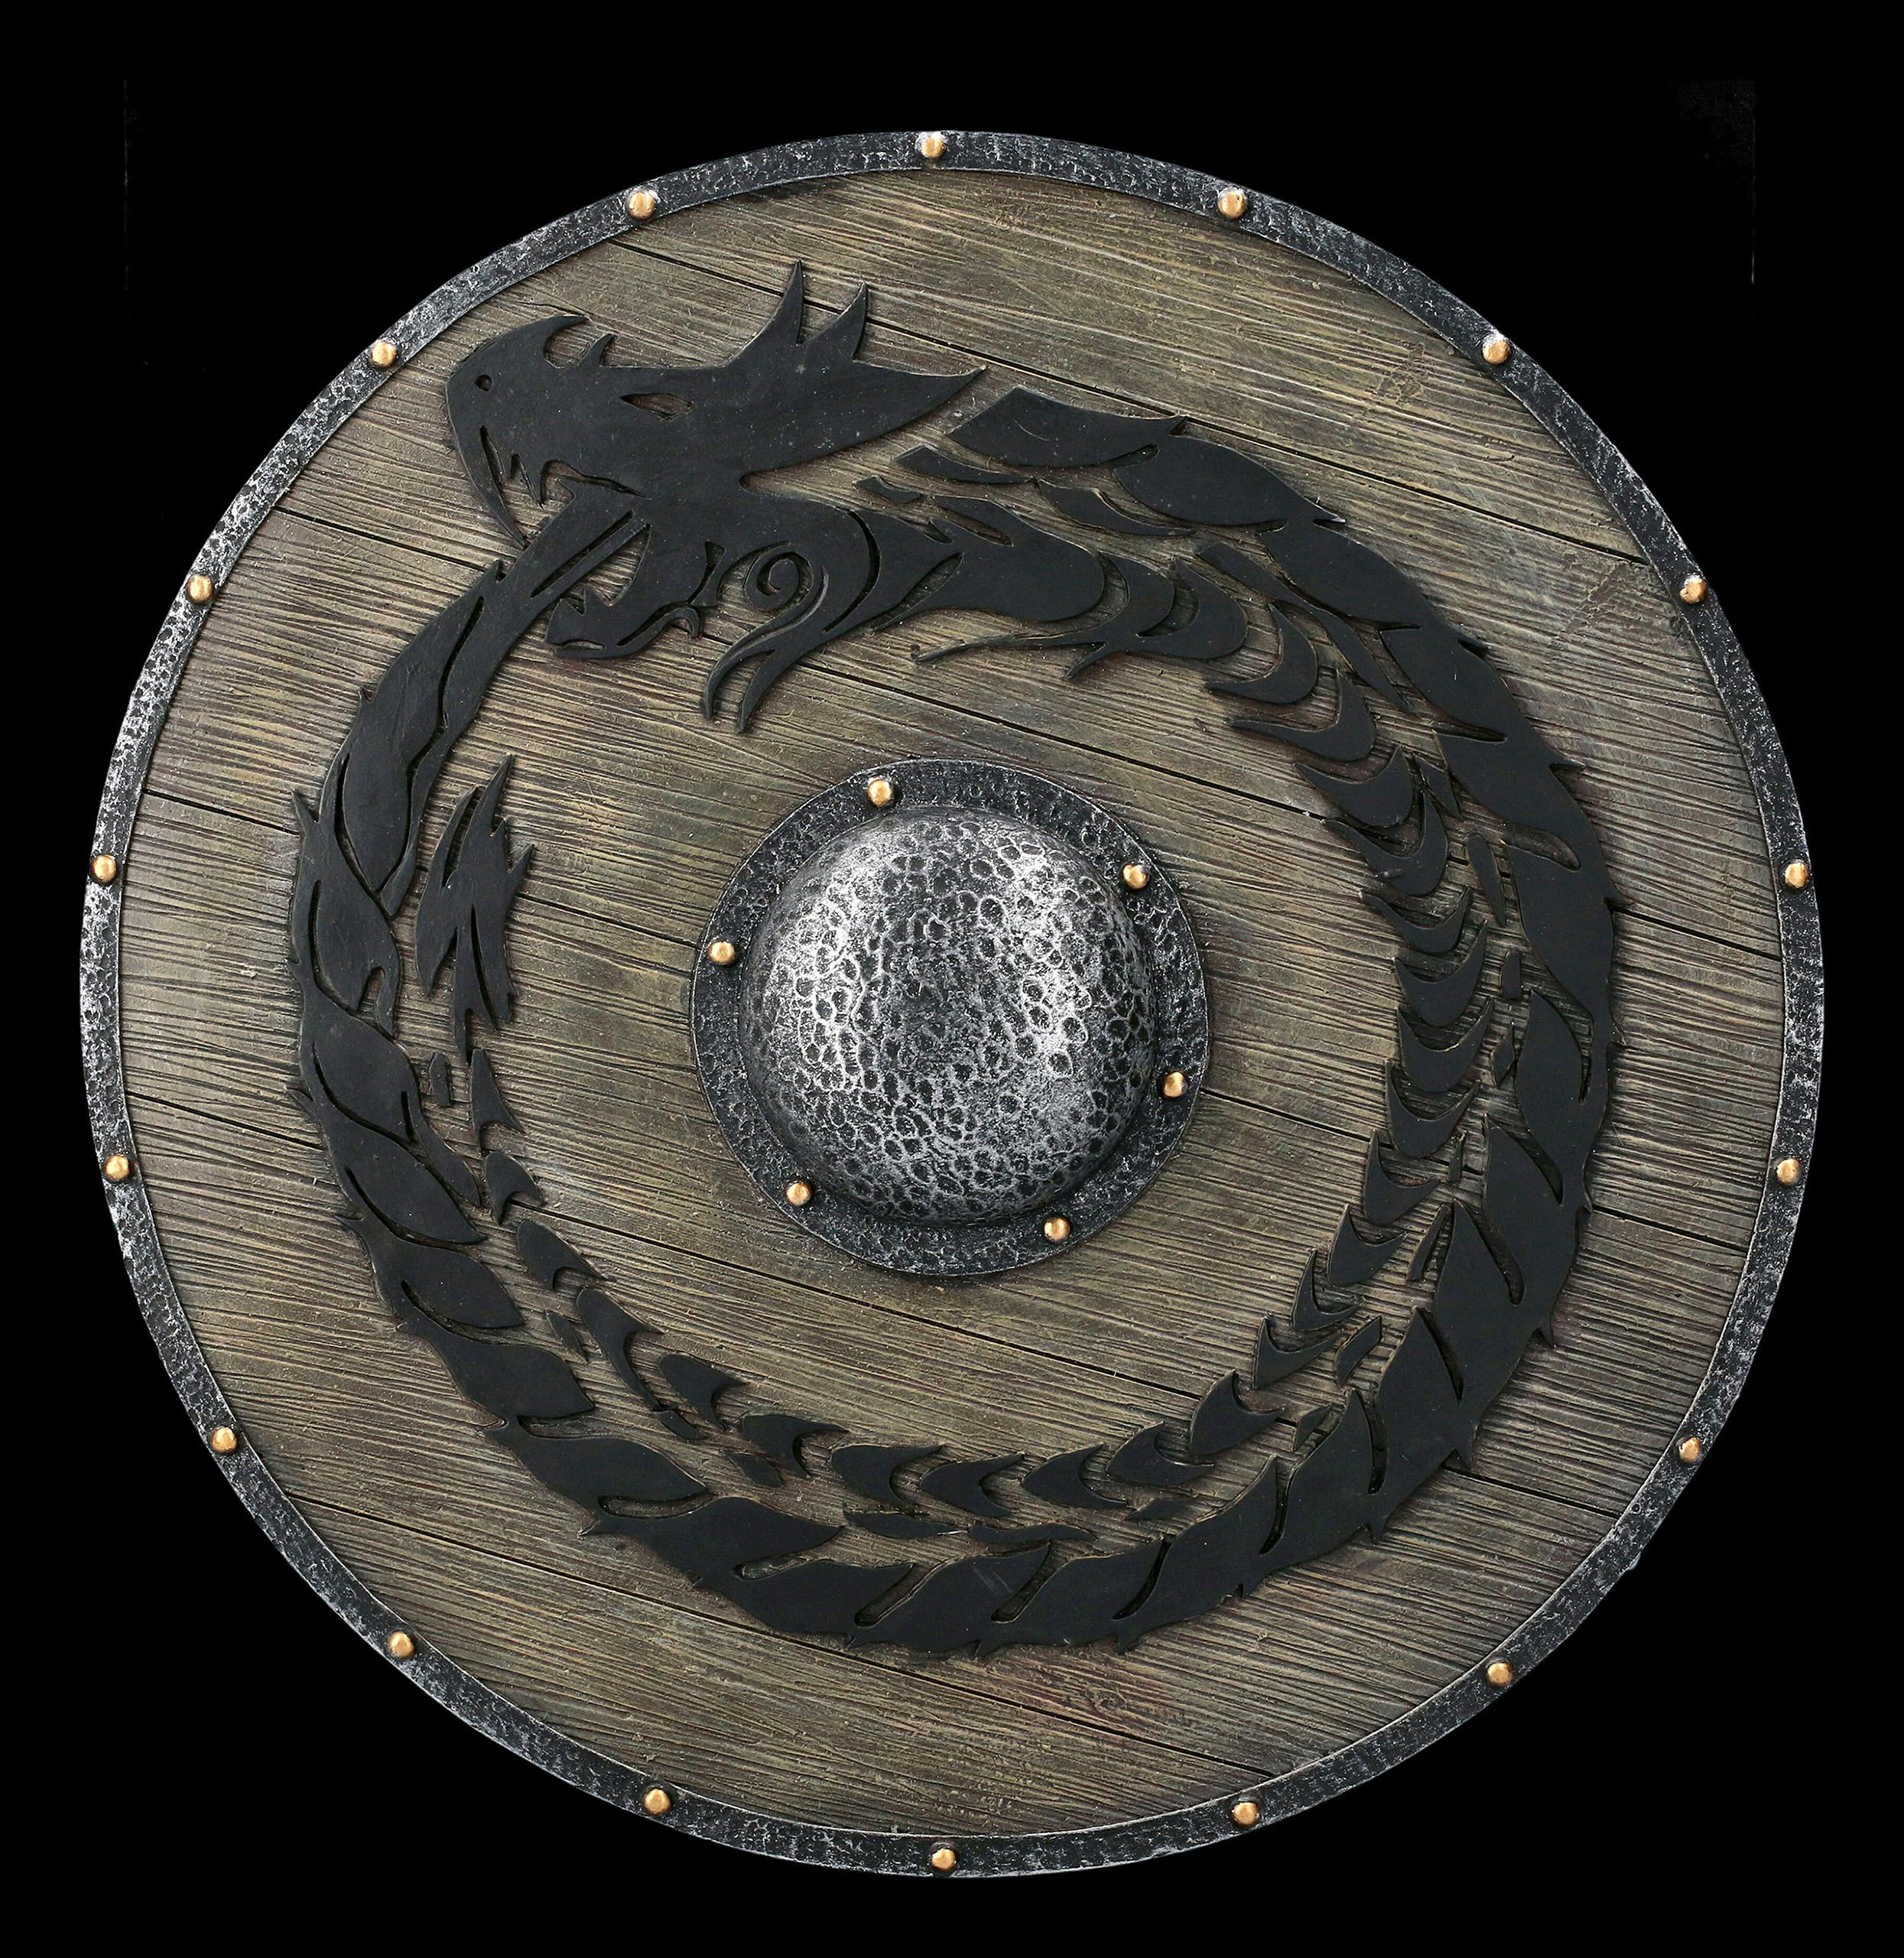 Viking Casque Braque de Weimar Lot de 4 sets de table et Sous-verre